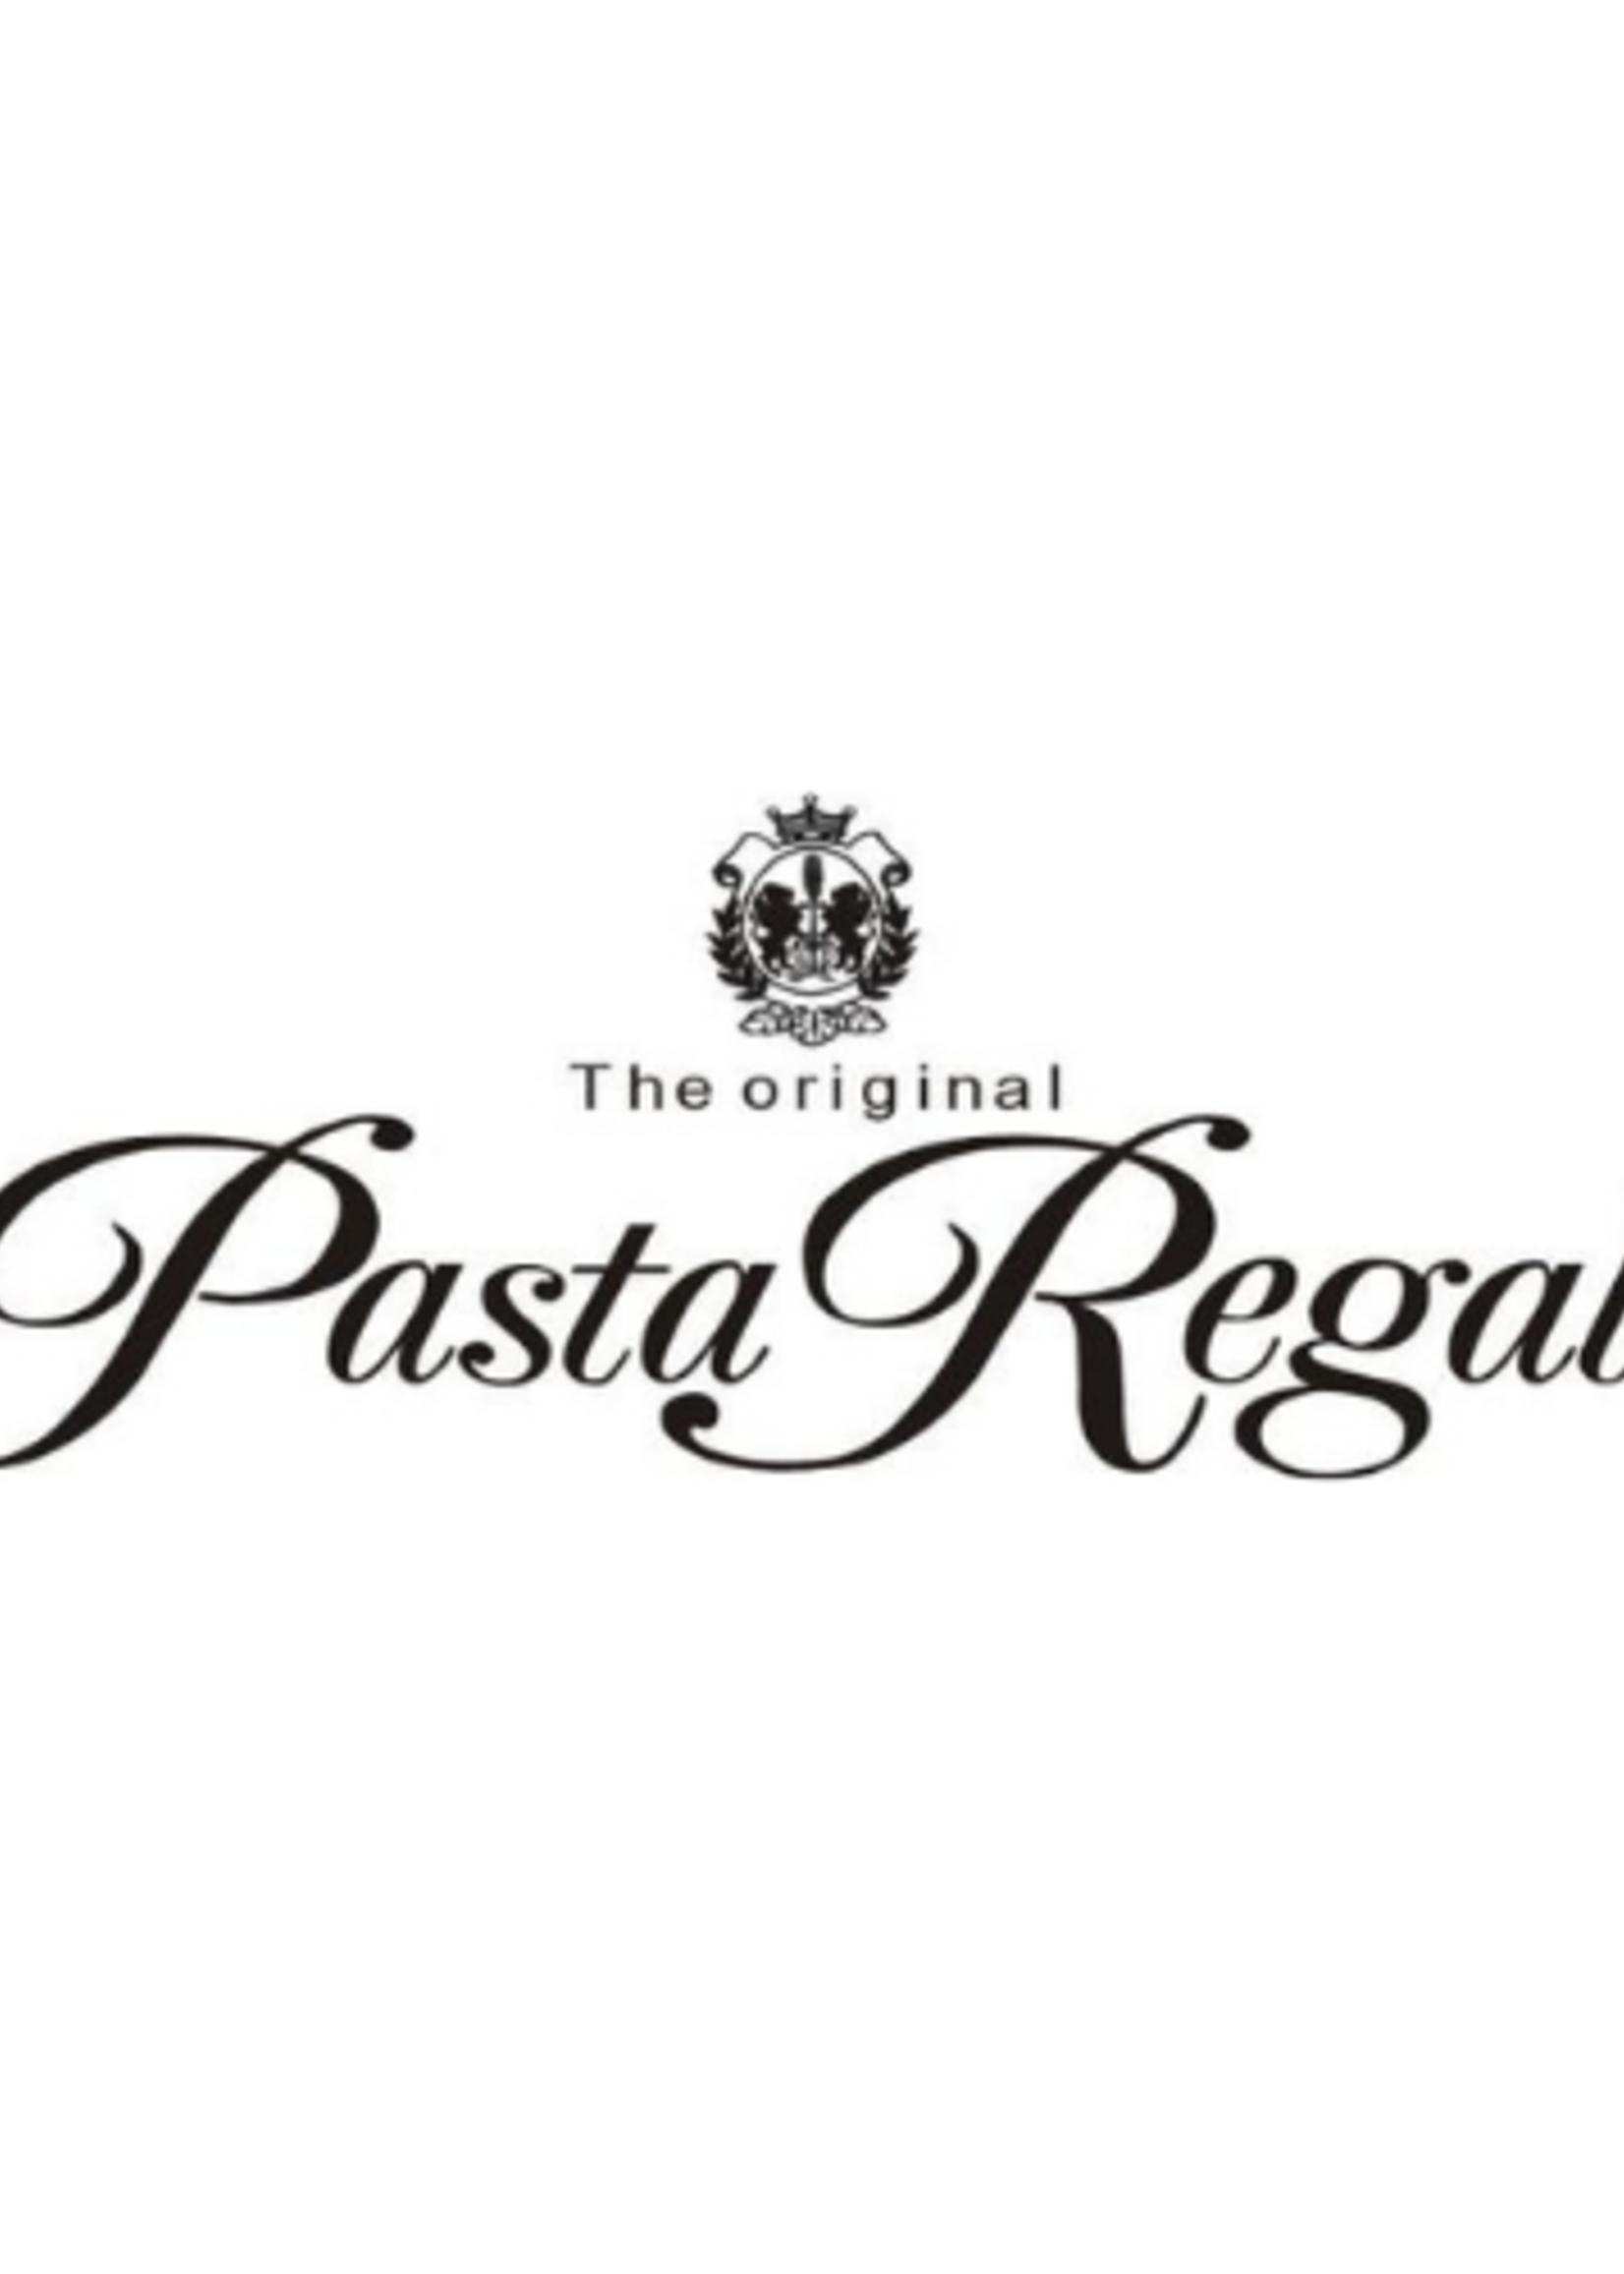 Pasta Regalo Pasta Regalo - Wheat-Free Spaghetti